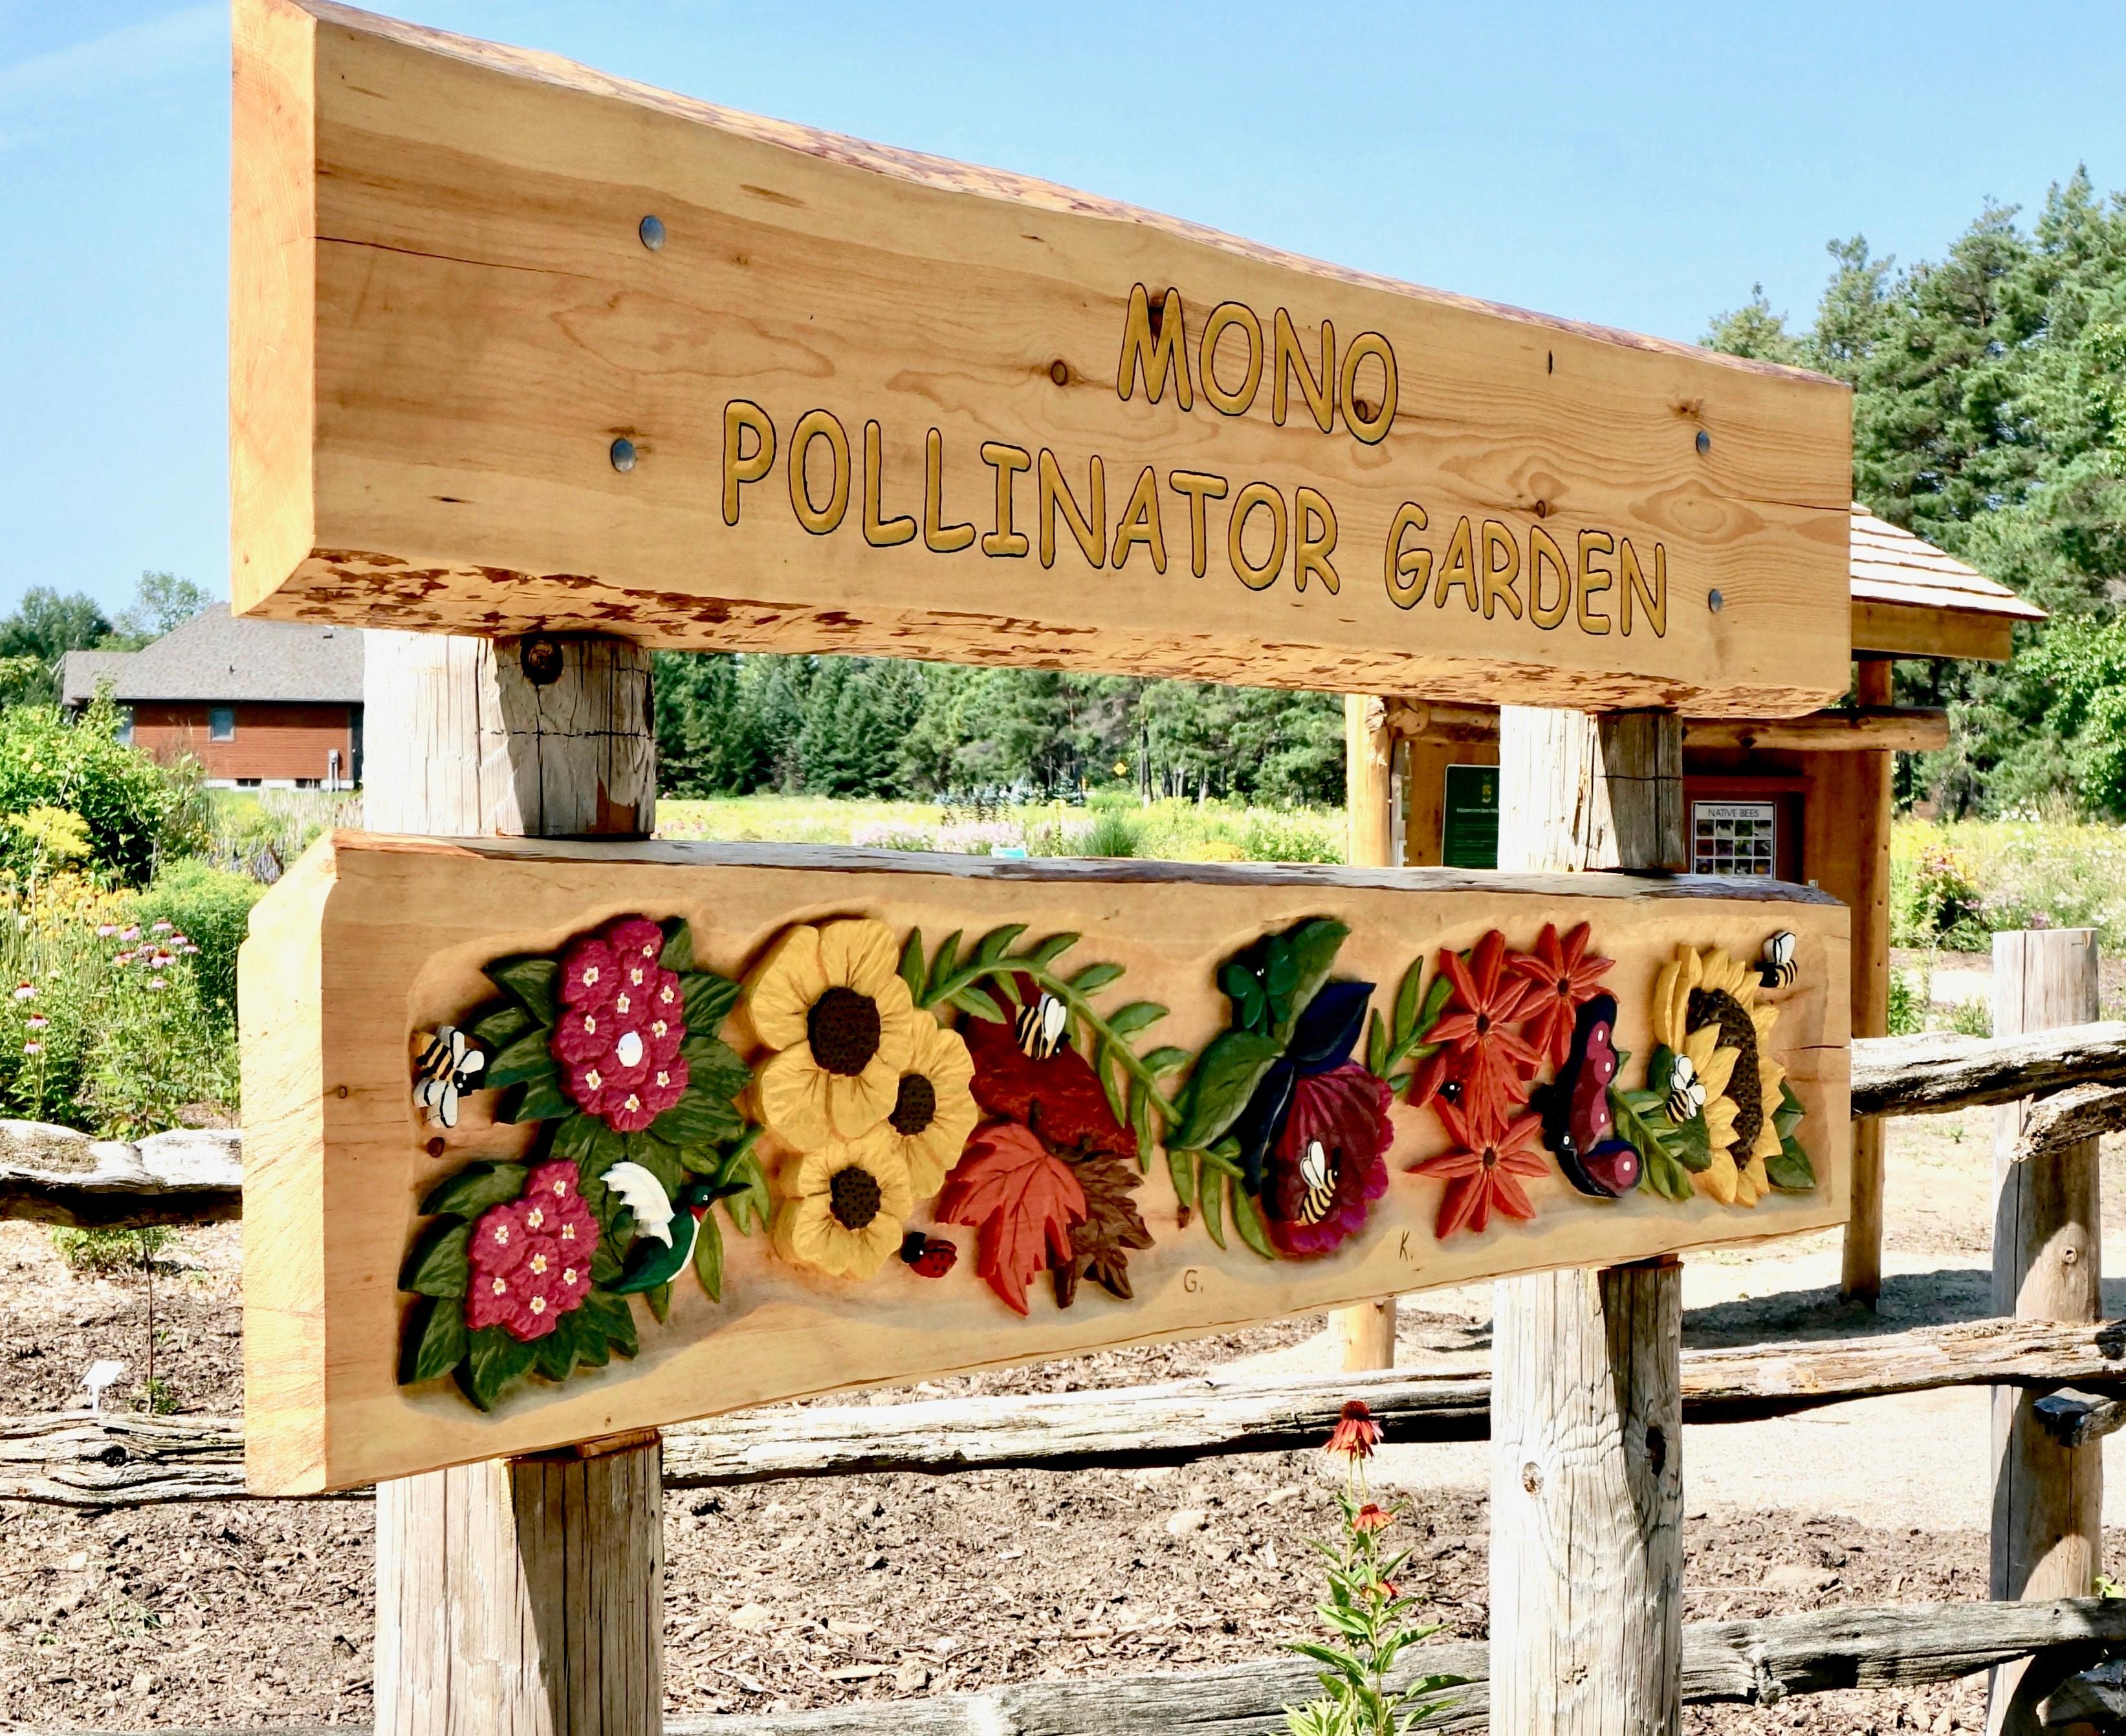 Mono Pollinator Garden Sign